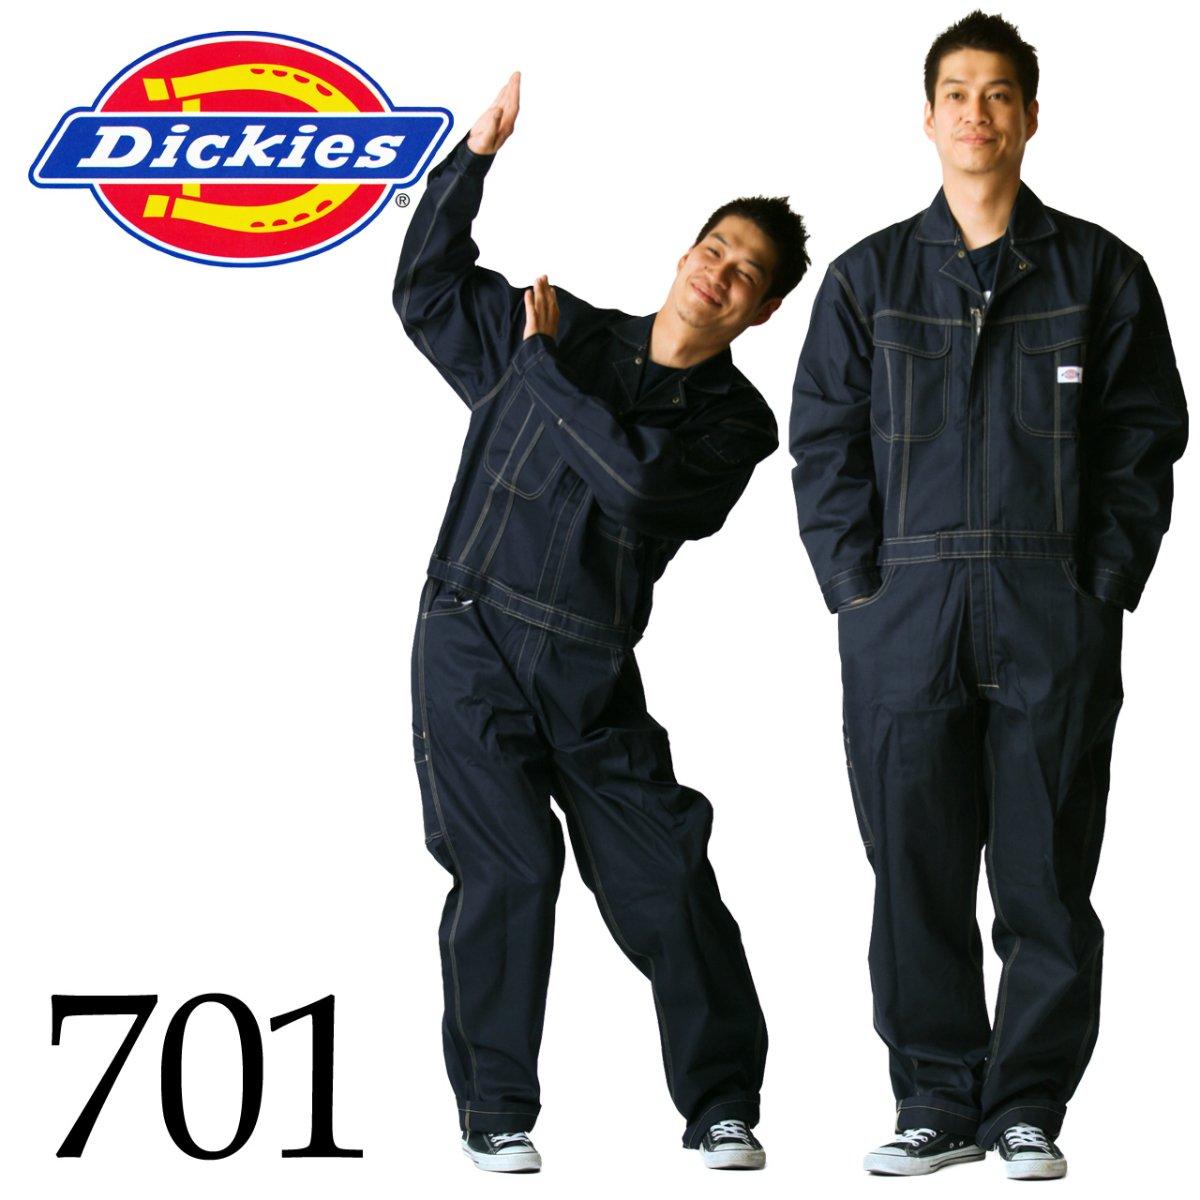 ディッキーズ Dickies (山田辰)オールシーズン用 ツヅキ服 701 ネイビーブルー Lサイズ B008PJTZE0 L|ネイビーブルー